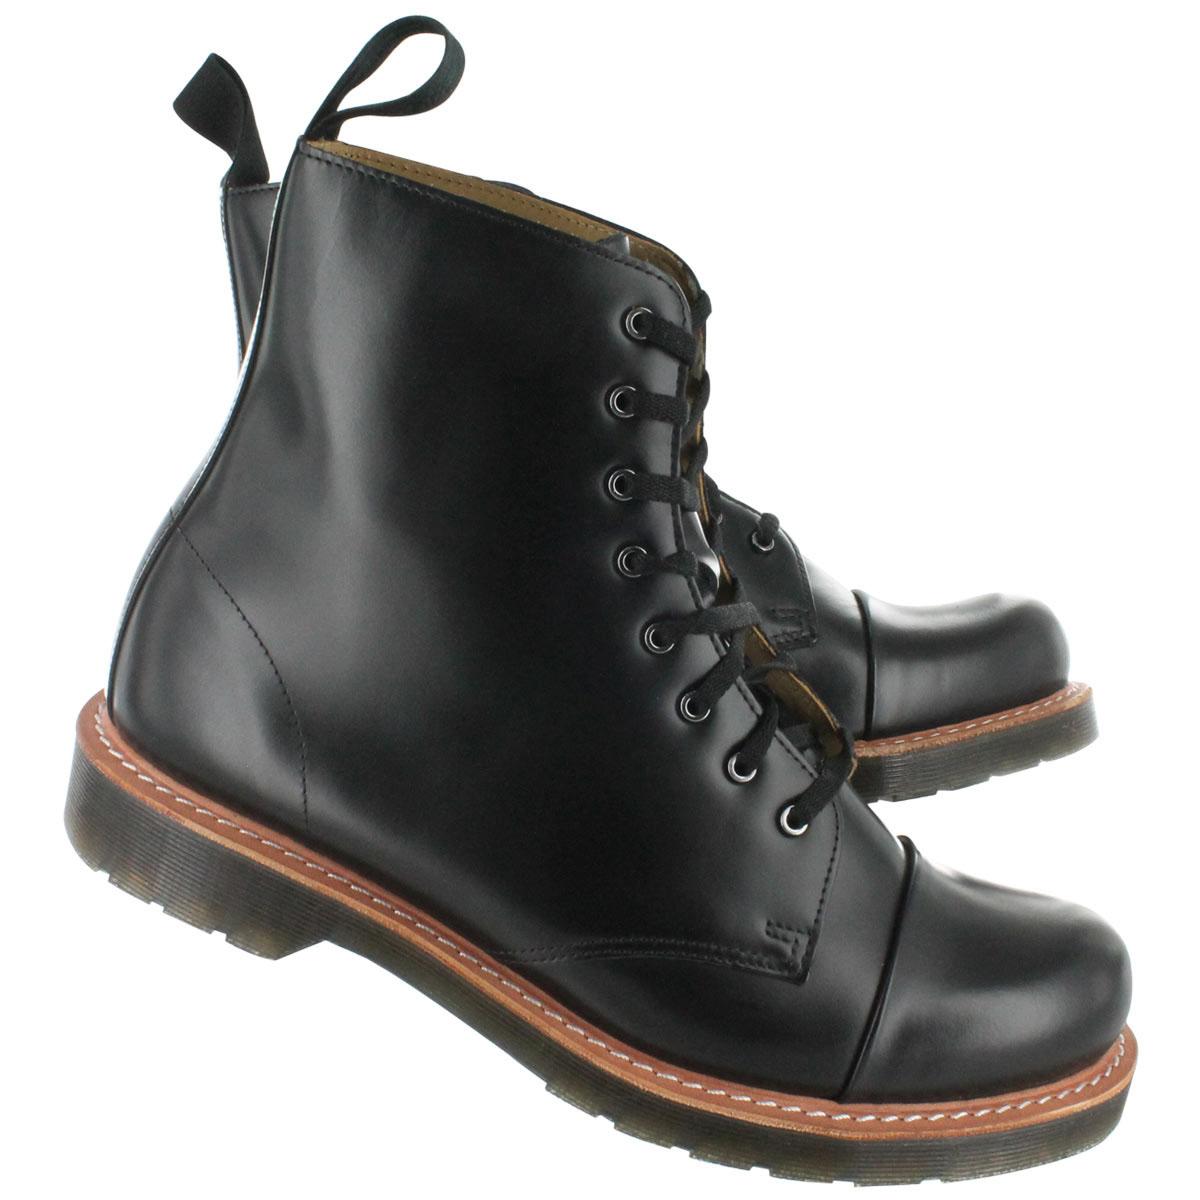 charlton 8 eye black polished smooth dr martens boots. Black Bedroom Furniture Sets. Home Design Ideas